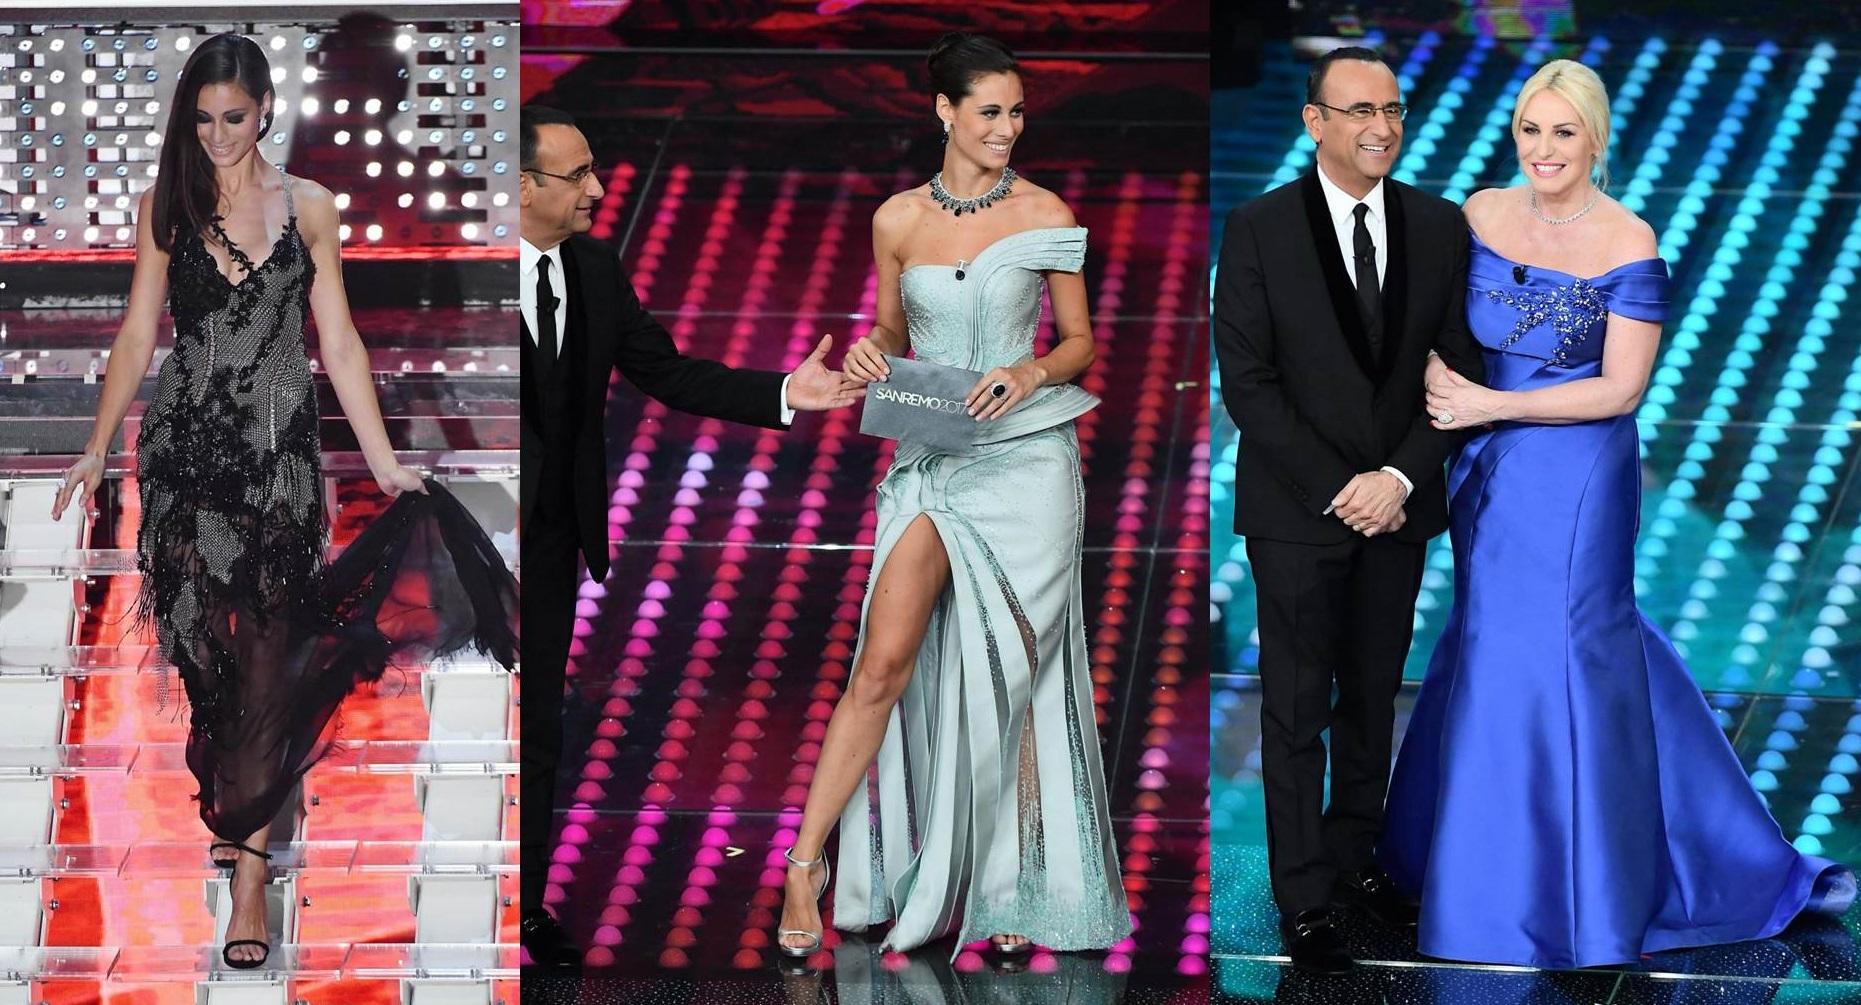 Ospiti Sanremo 2017 quarta serata